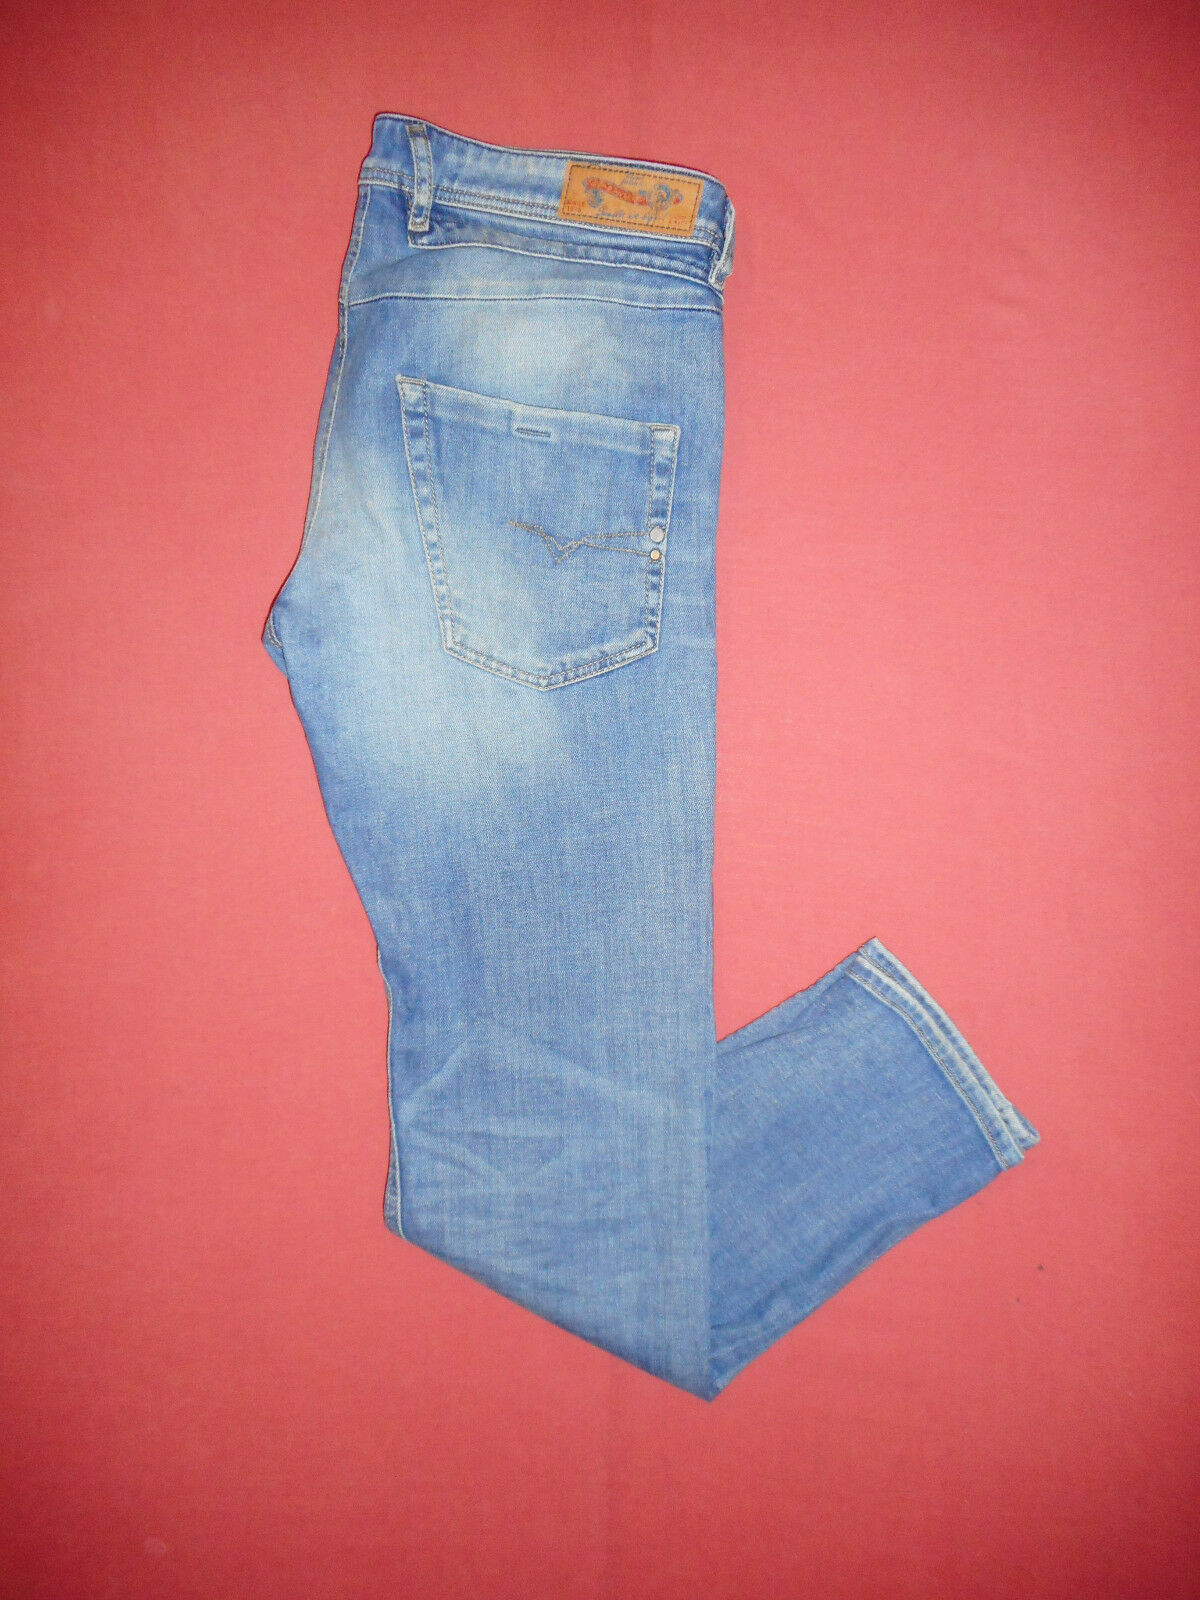 Diesel BELTHER 0665H Reg Slim-Taperot - W31 L32 - Mens Blau Denim Jeans - B68  | Bevorzugtes Material  | Guter Markt  | Viele Stile